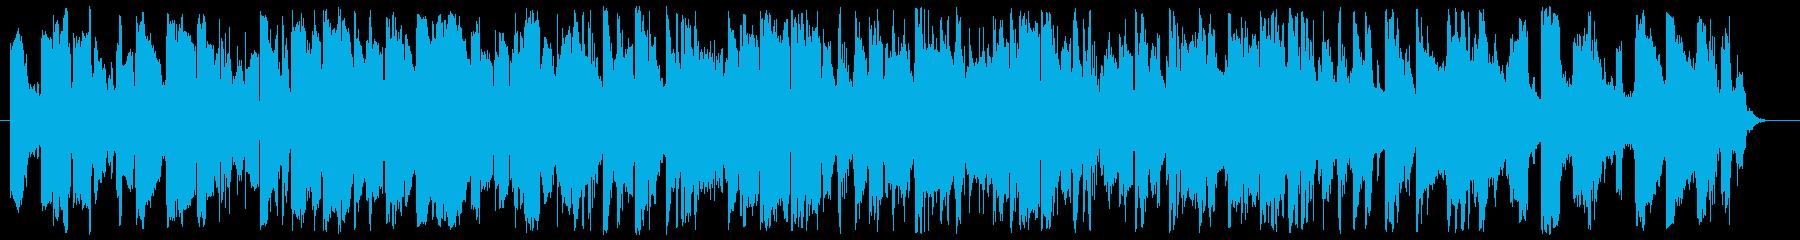 オシャレ/明るく爽やか/ほのぼの/ピアノの再生済みの波形